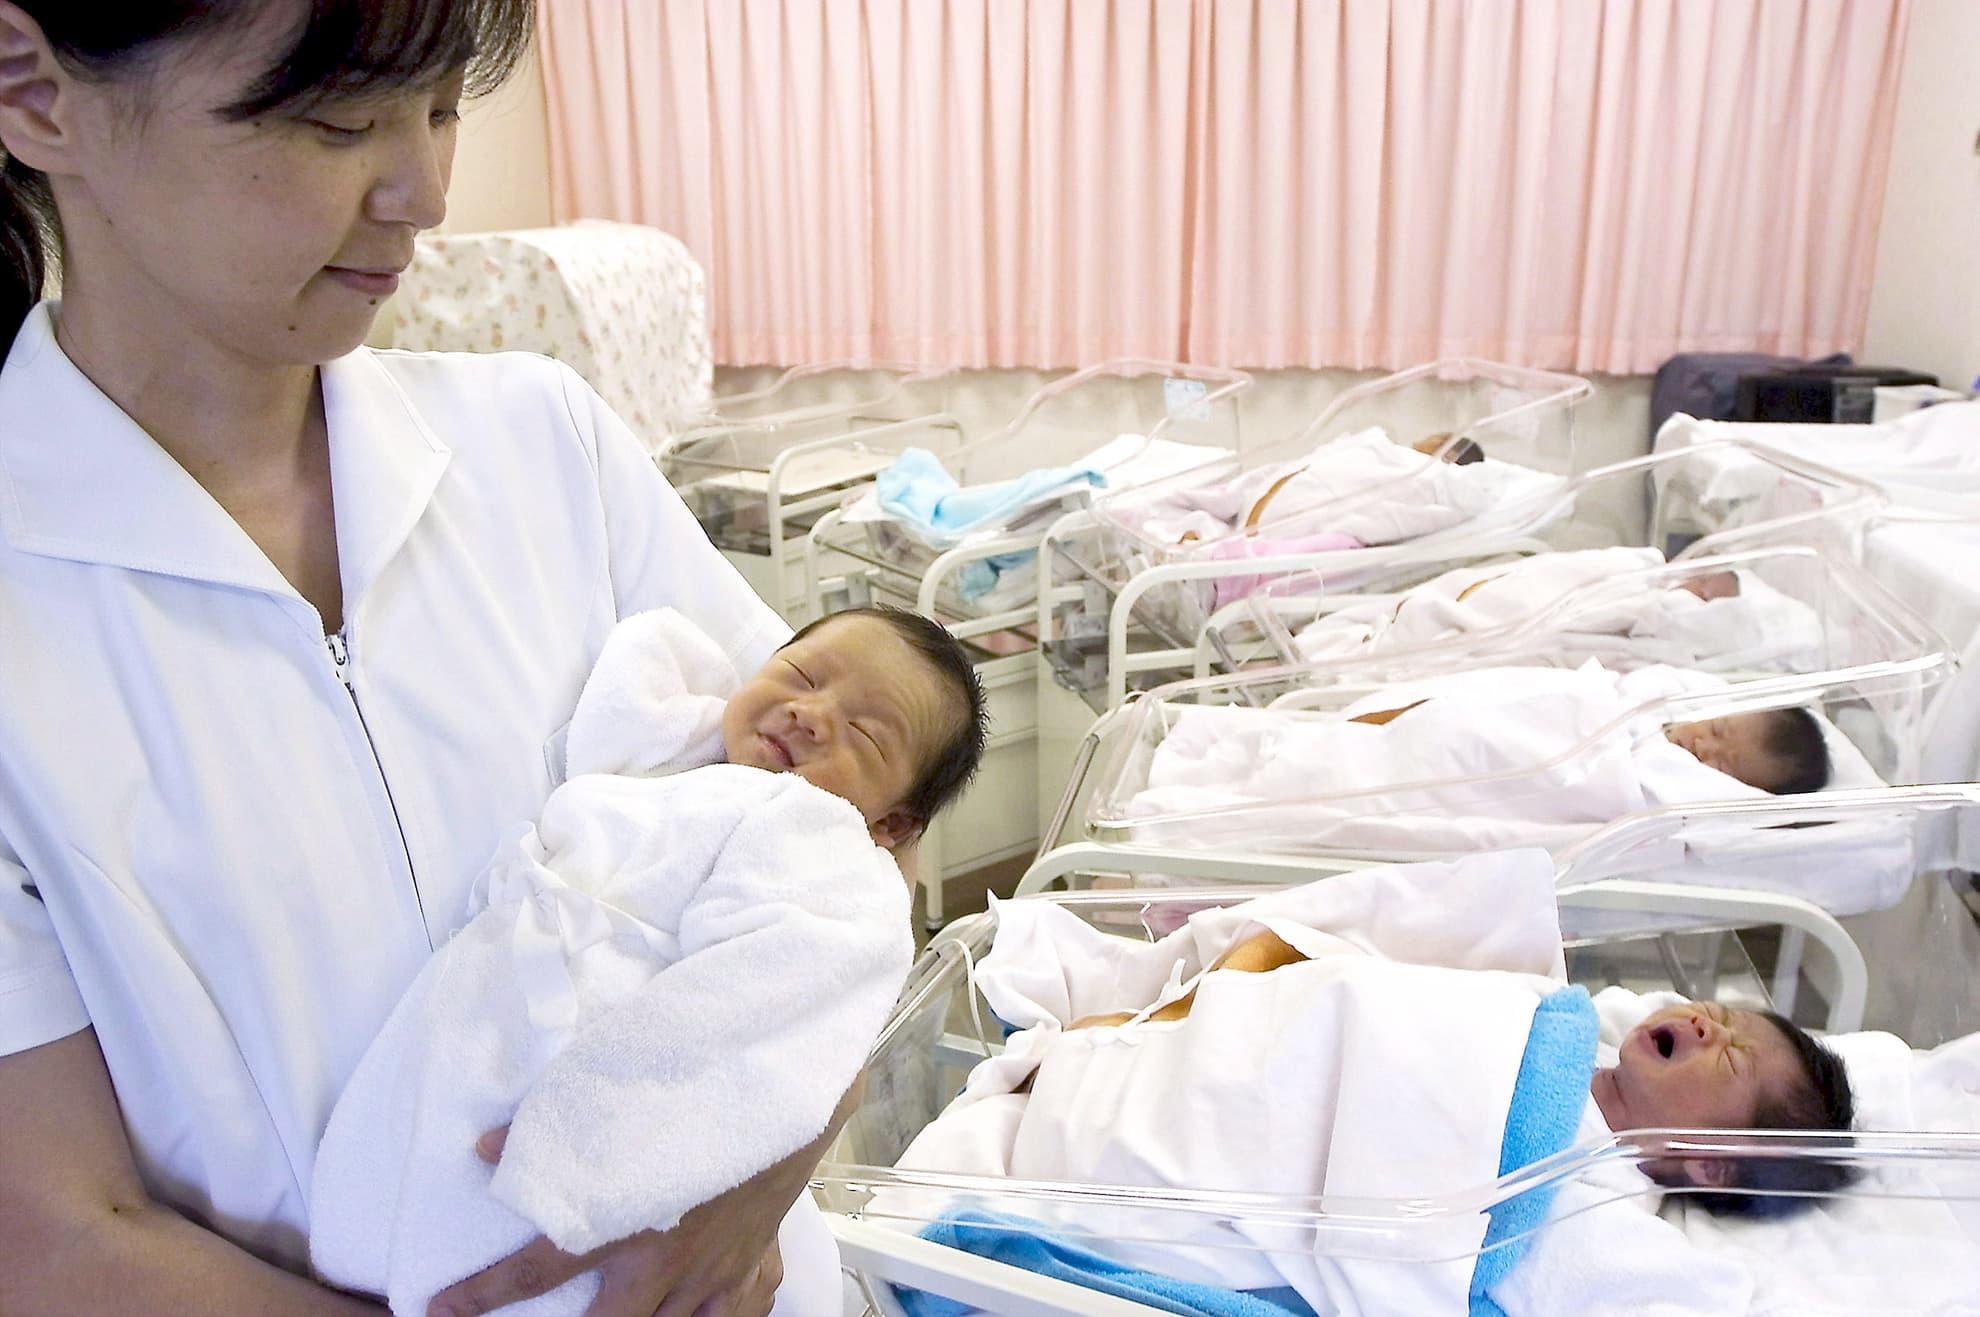 Sairaanhoitaja tokiolaissaaraalan synnytysosastolla.